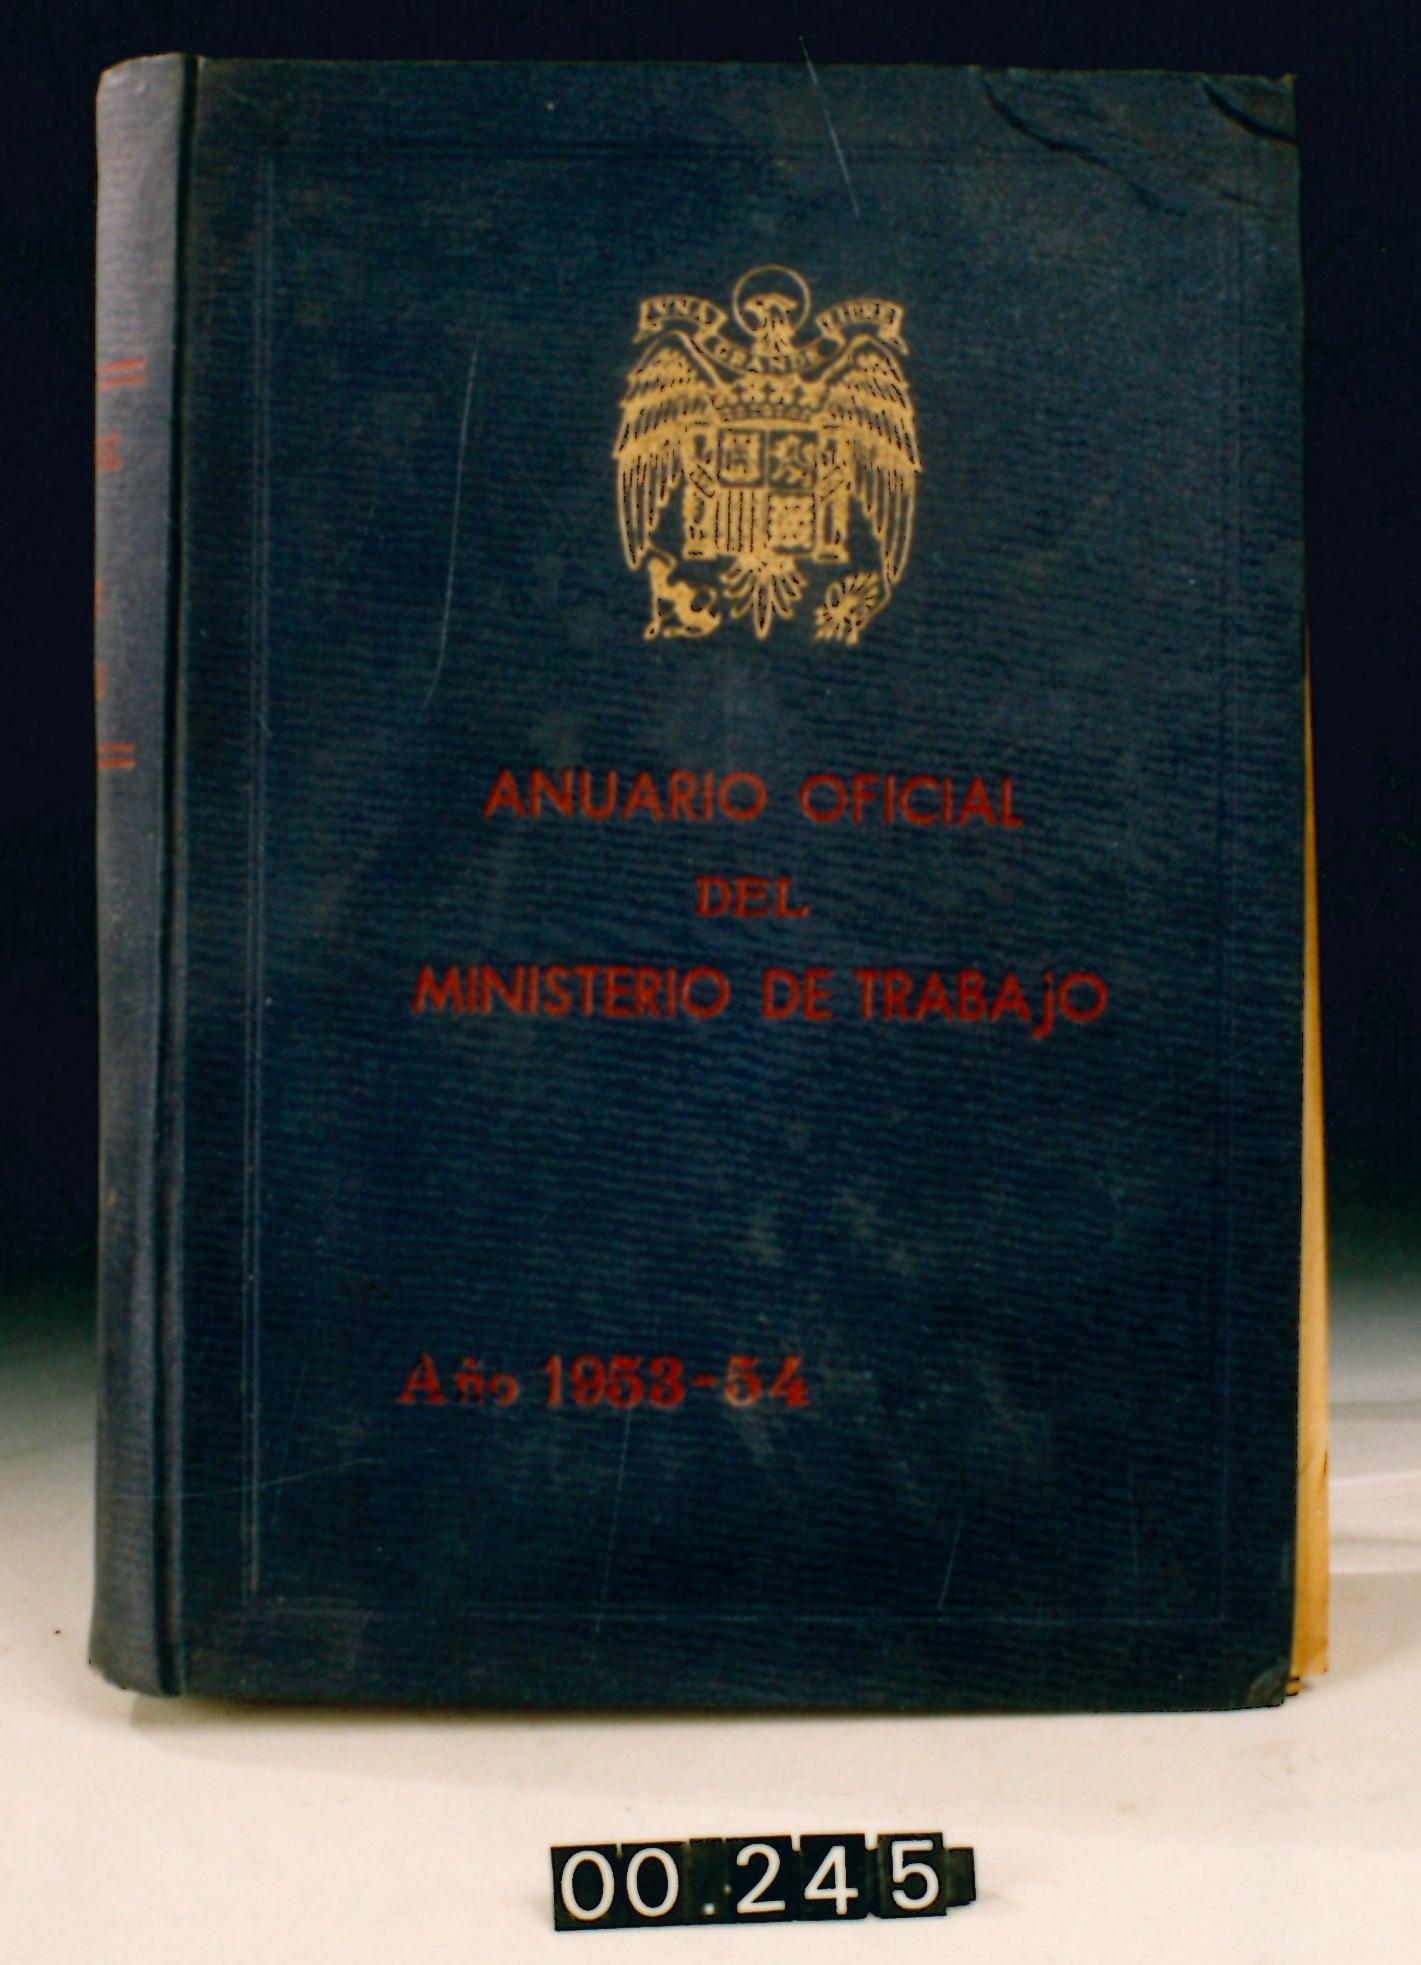 Anuario Oficial del Ministerio de Trabajo